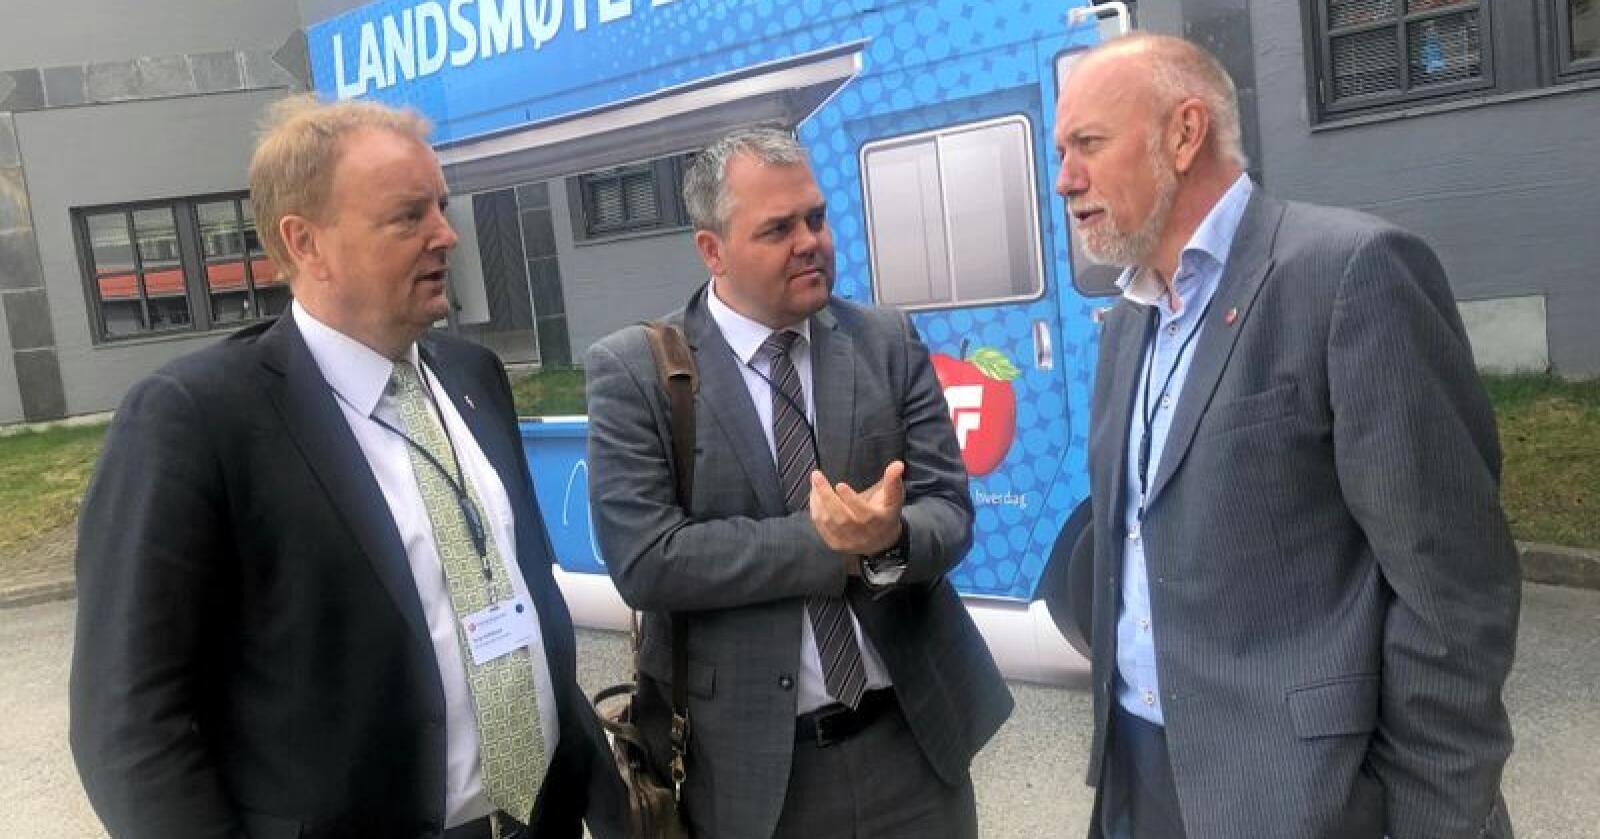 Terje Halleland og Roy Steffensen fra Rogaland Frp ber næringspolitiker Morten Ørsal Johansen (Frp, t.h.) sørge for omkamp om pelserstatning, ved at det settes ned et utvalg som kan gi bedre erstatninger.